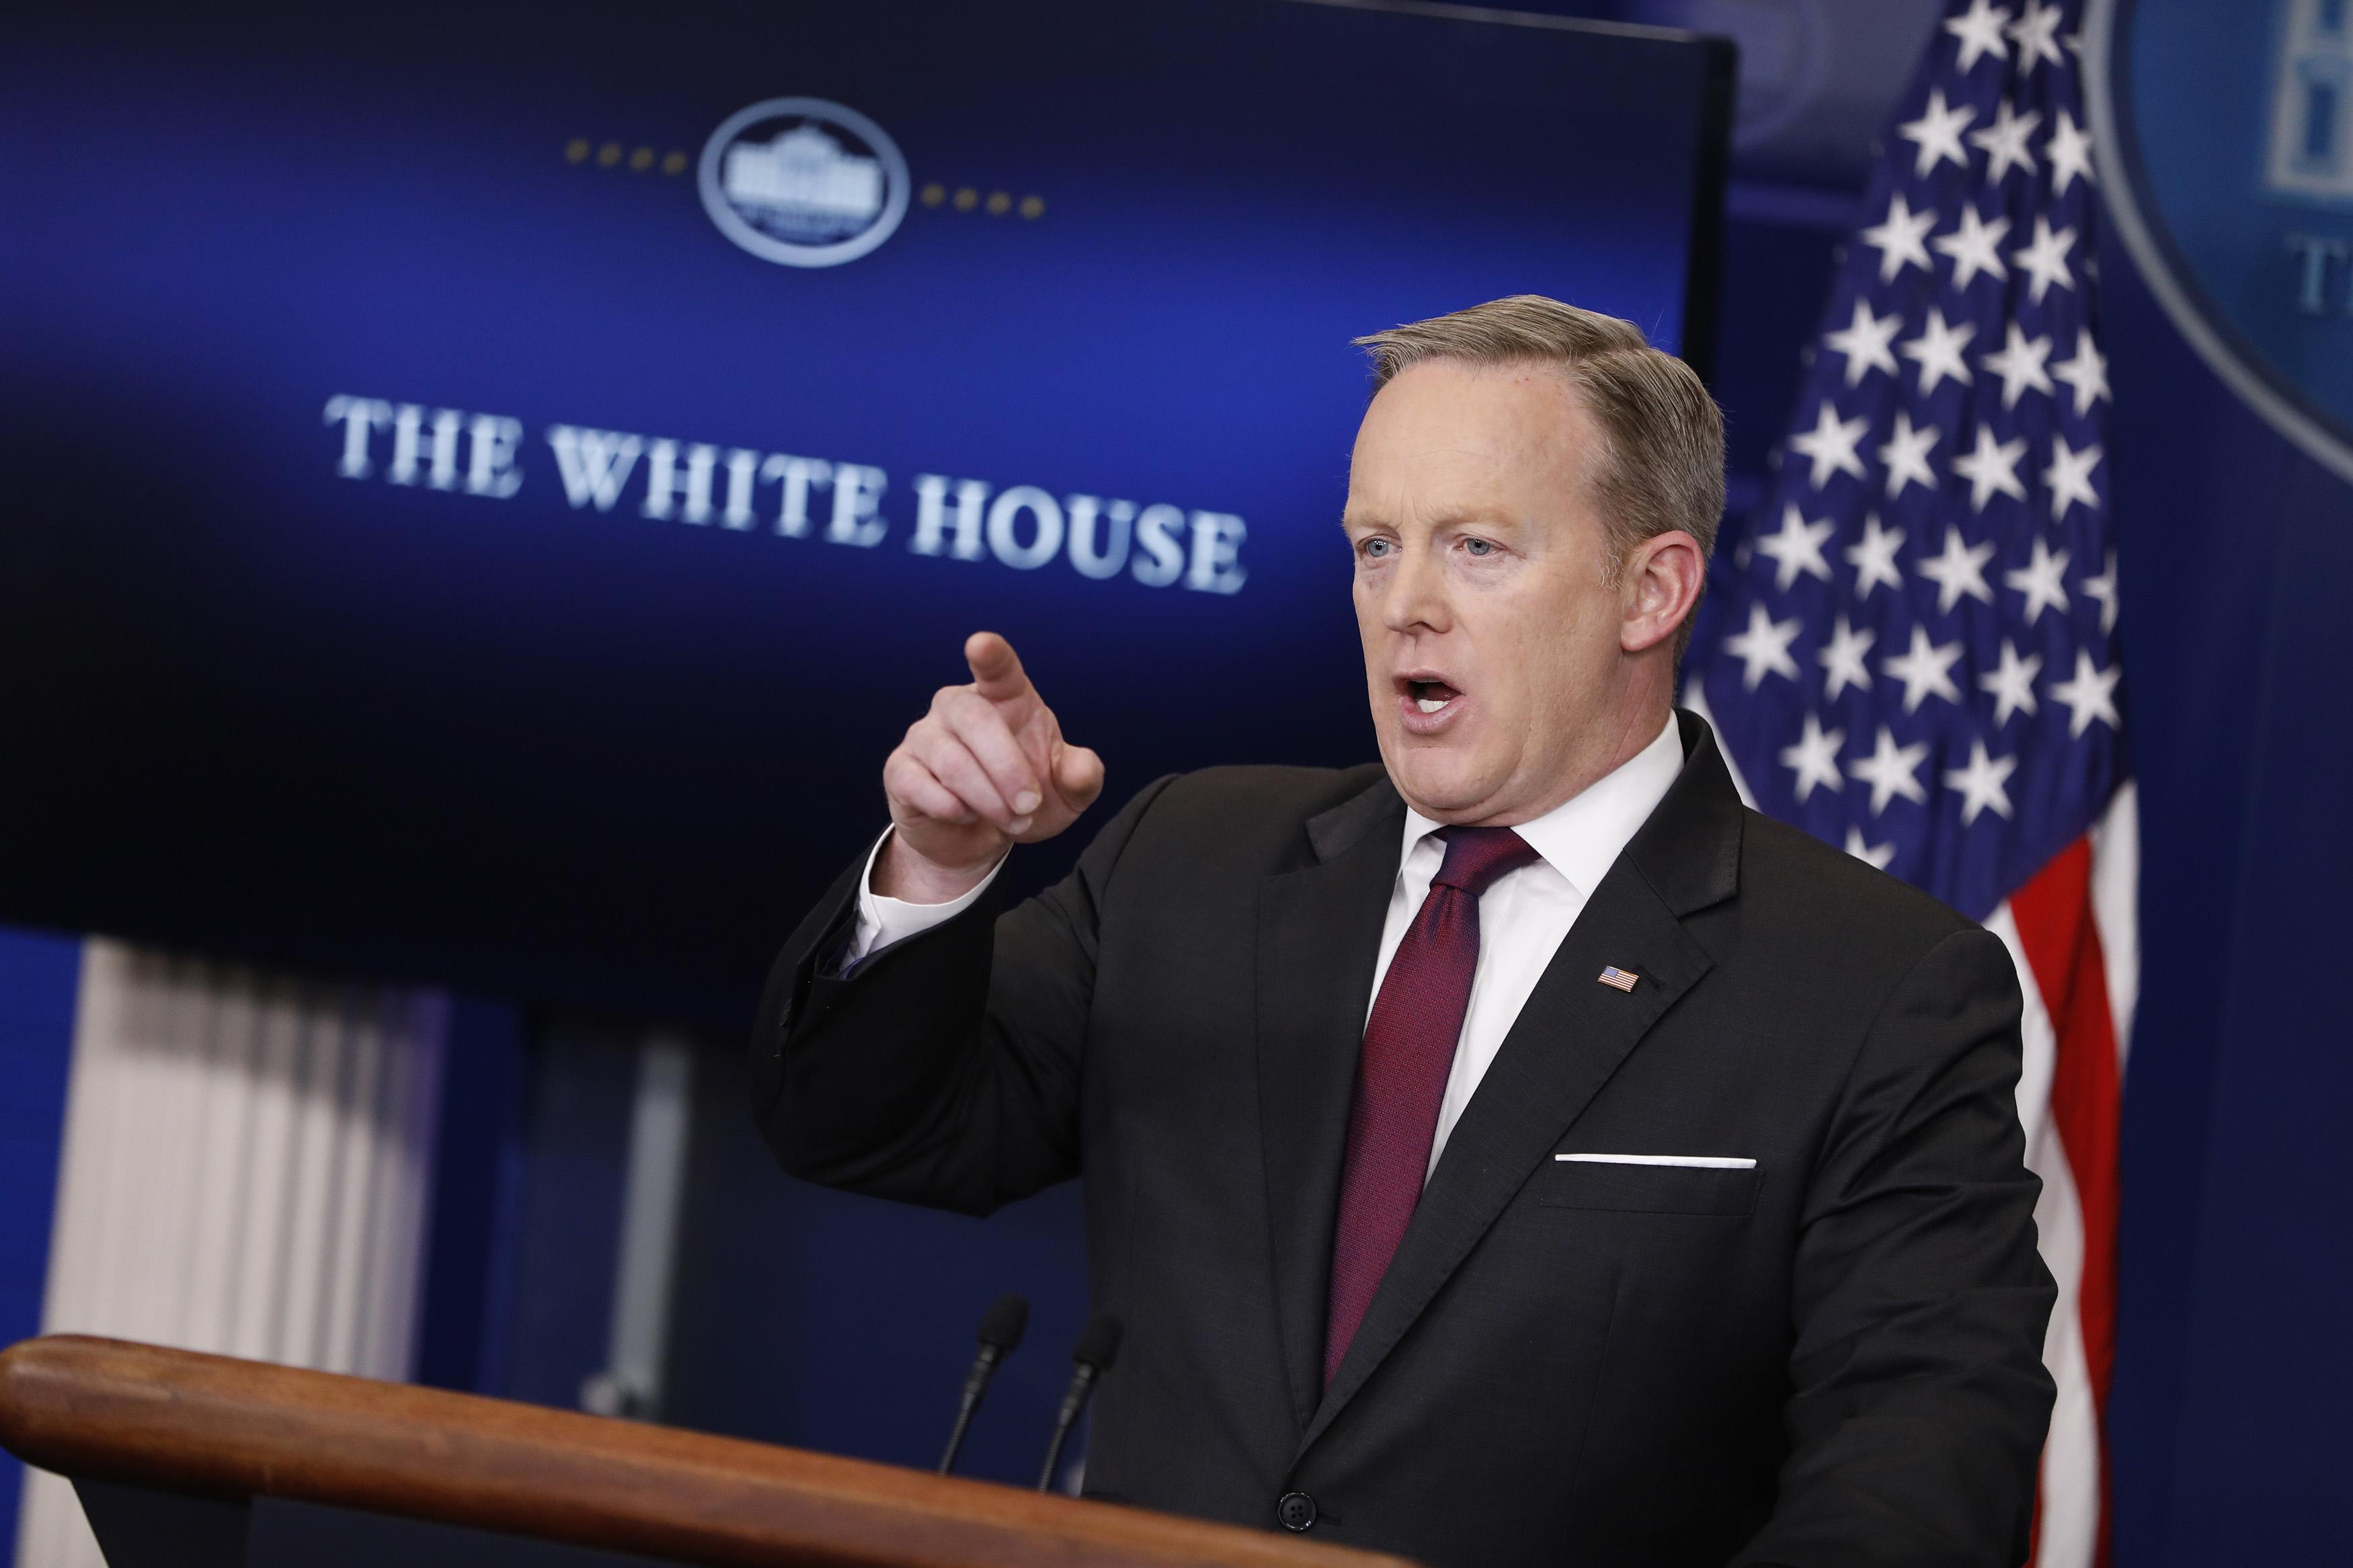 Press Secretary Sean Spicer Holds Daily Press Briefing